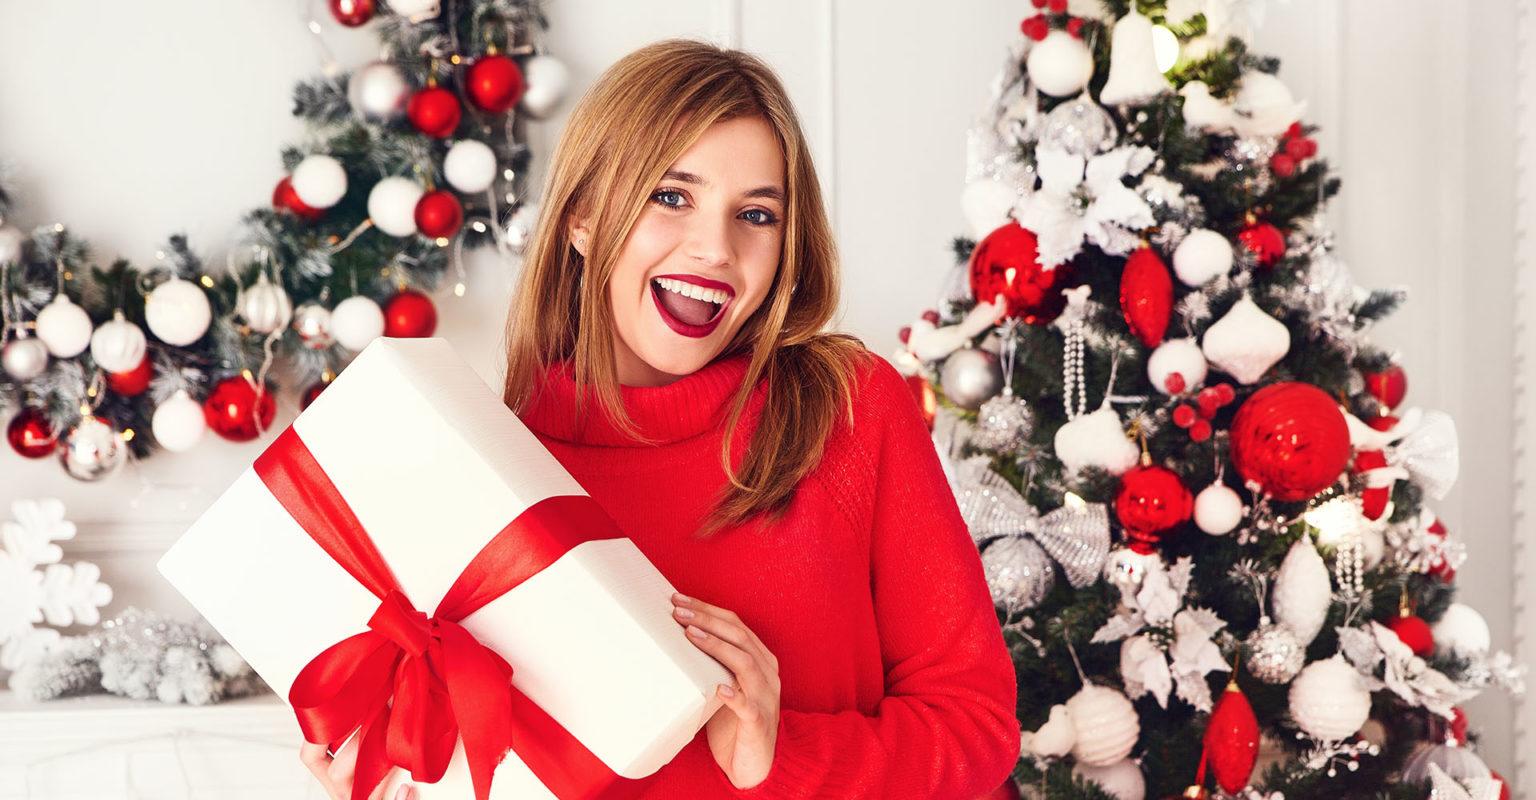 Najlepsze pomysły na prezenty na Święta Bożego Narodzenia - dla męża, siostry, przyjaciółki i rodziców - super inspiracje!